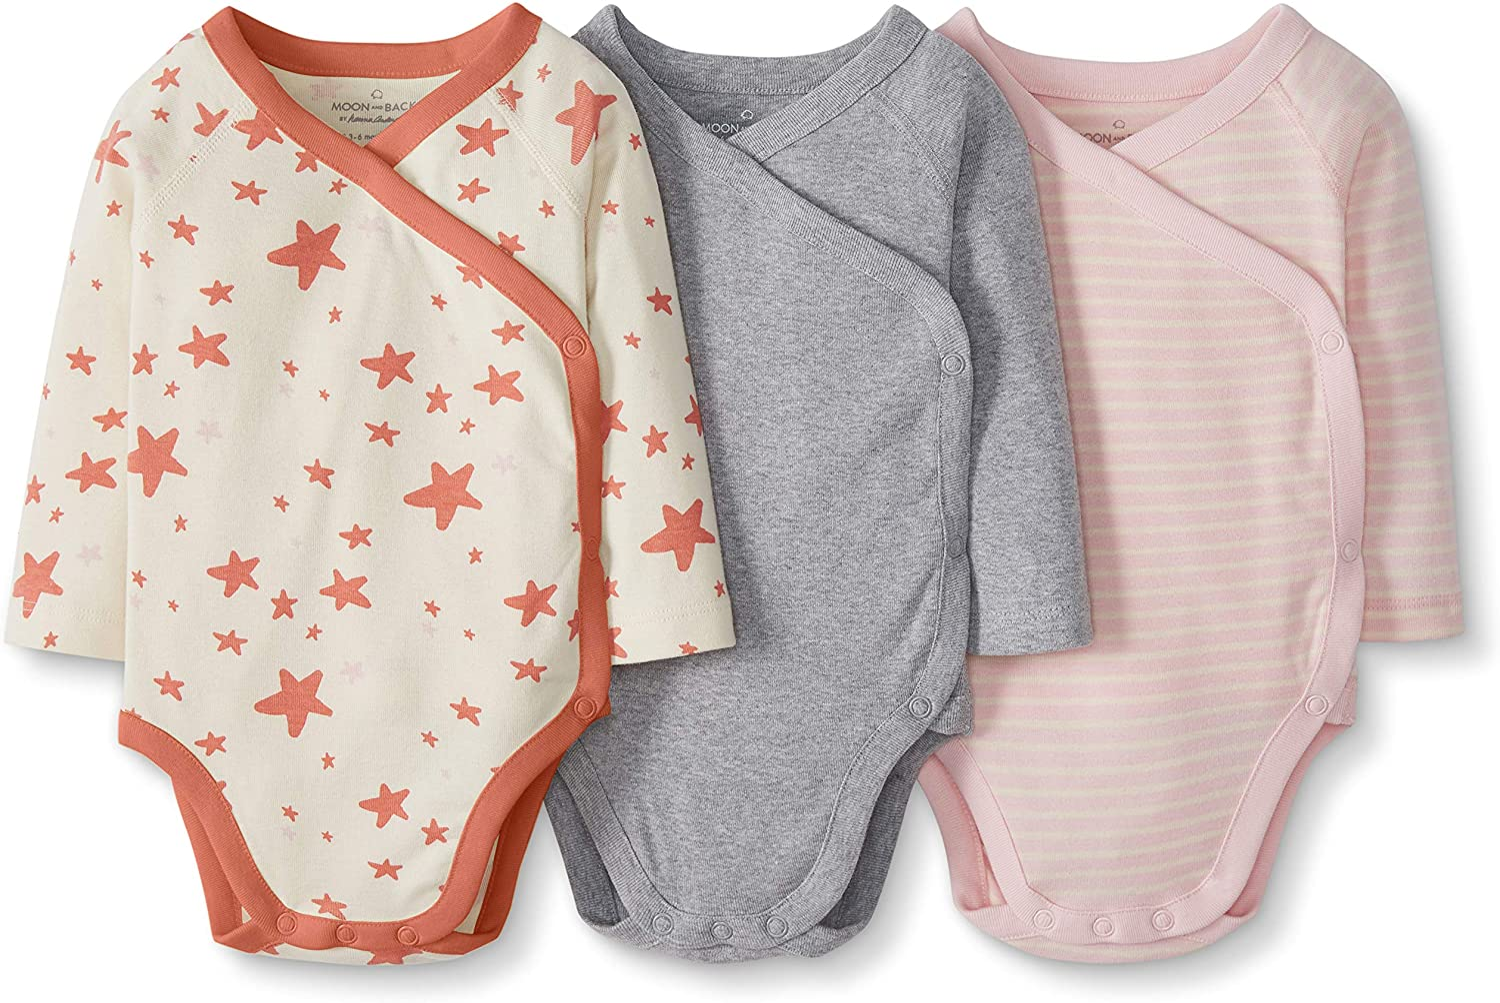 in cotone biologico a maniche lunghe 0 mesi Confezione di 3 body da neonato Moon and Back by Hanna Andersson 49 CM con bottoni laterali Mocassini eleganti da donna